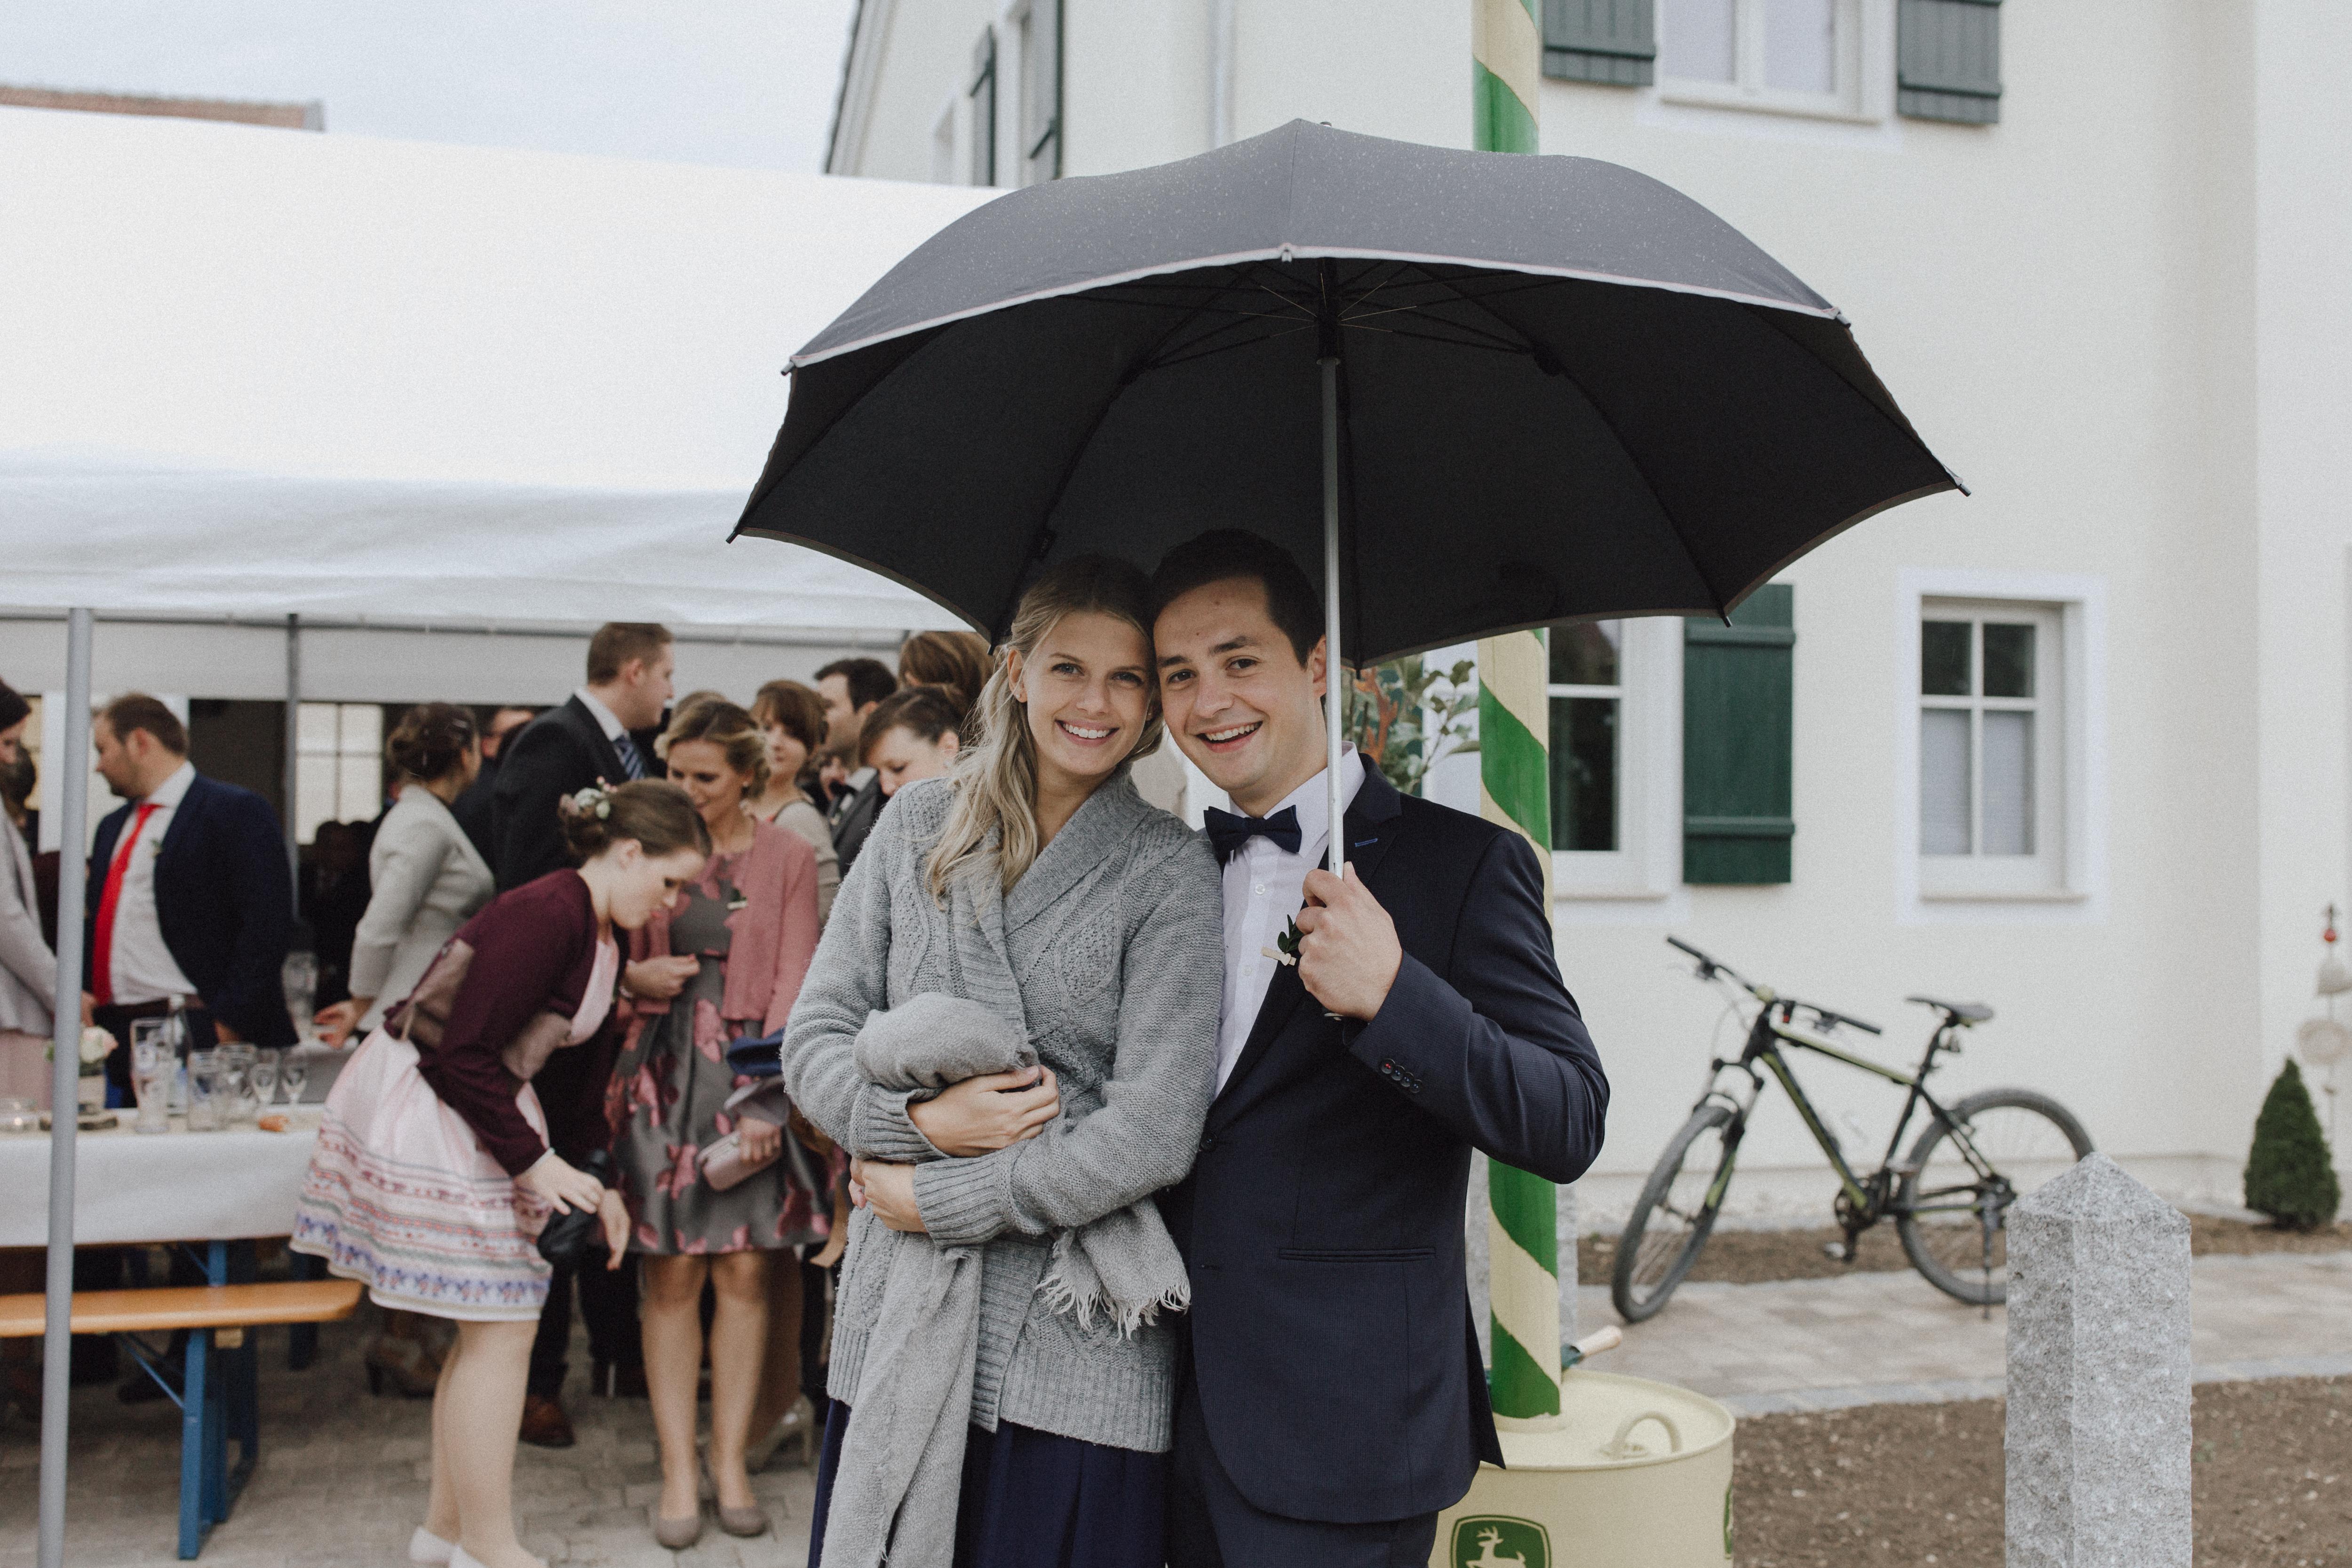 URBANERIE_Daniela_Goth_Hochzeitsfotografin_Nürnberg_Fürth_Erlangen_Schwabach_170909_0067